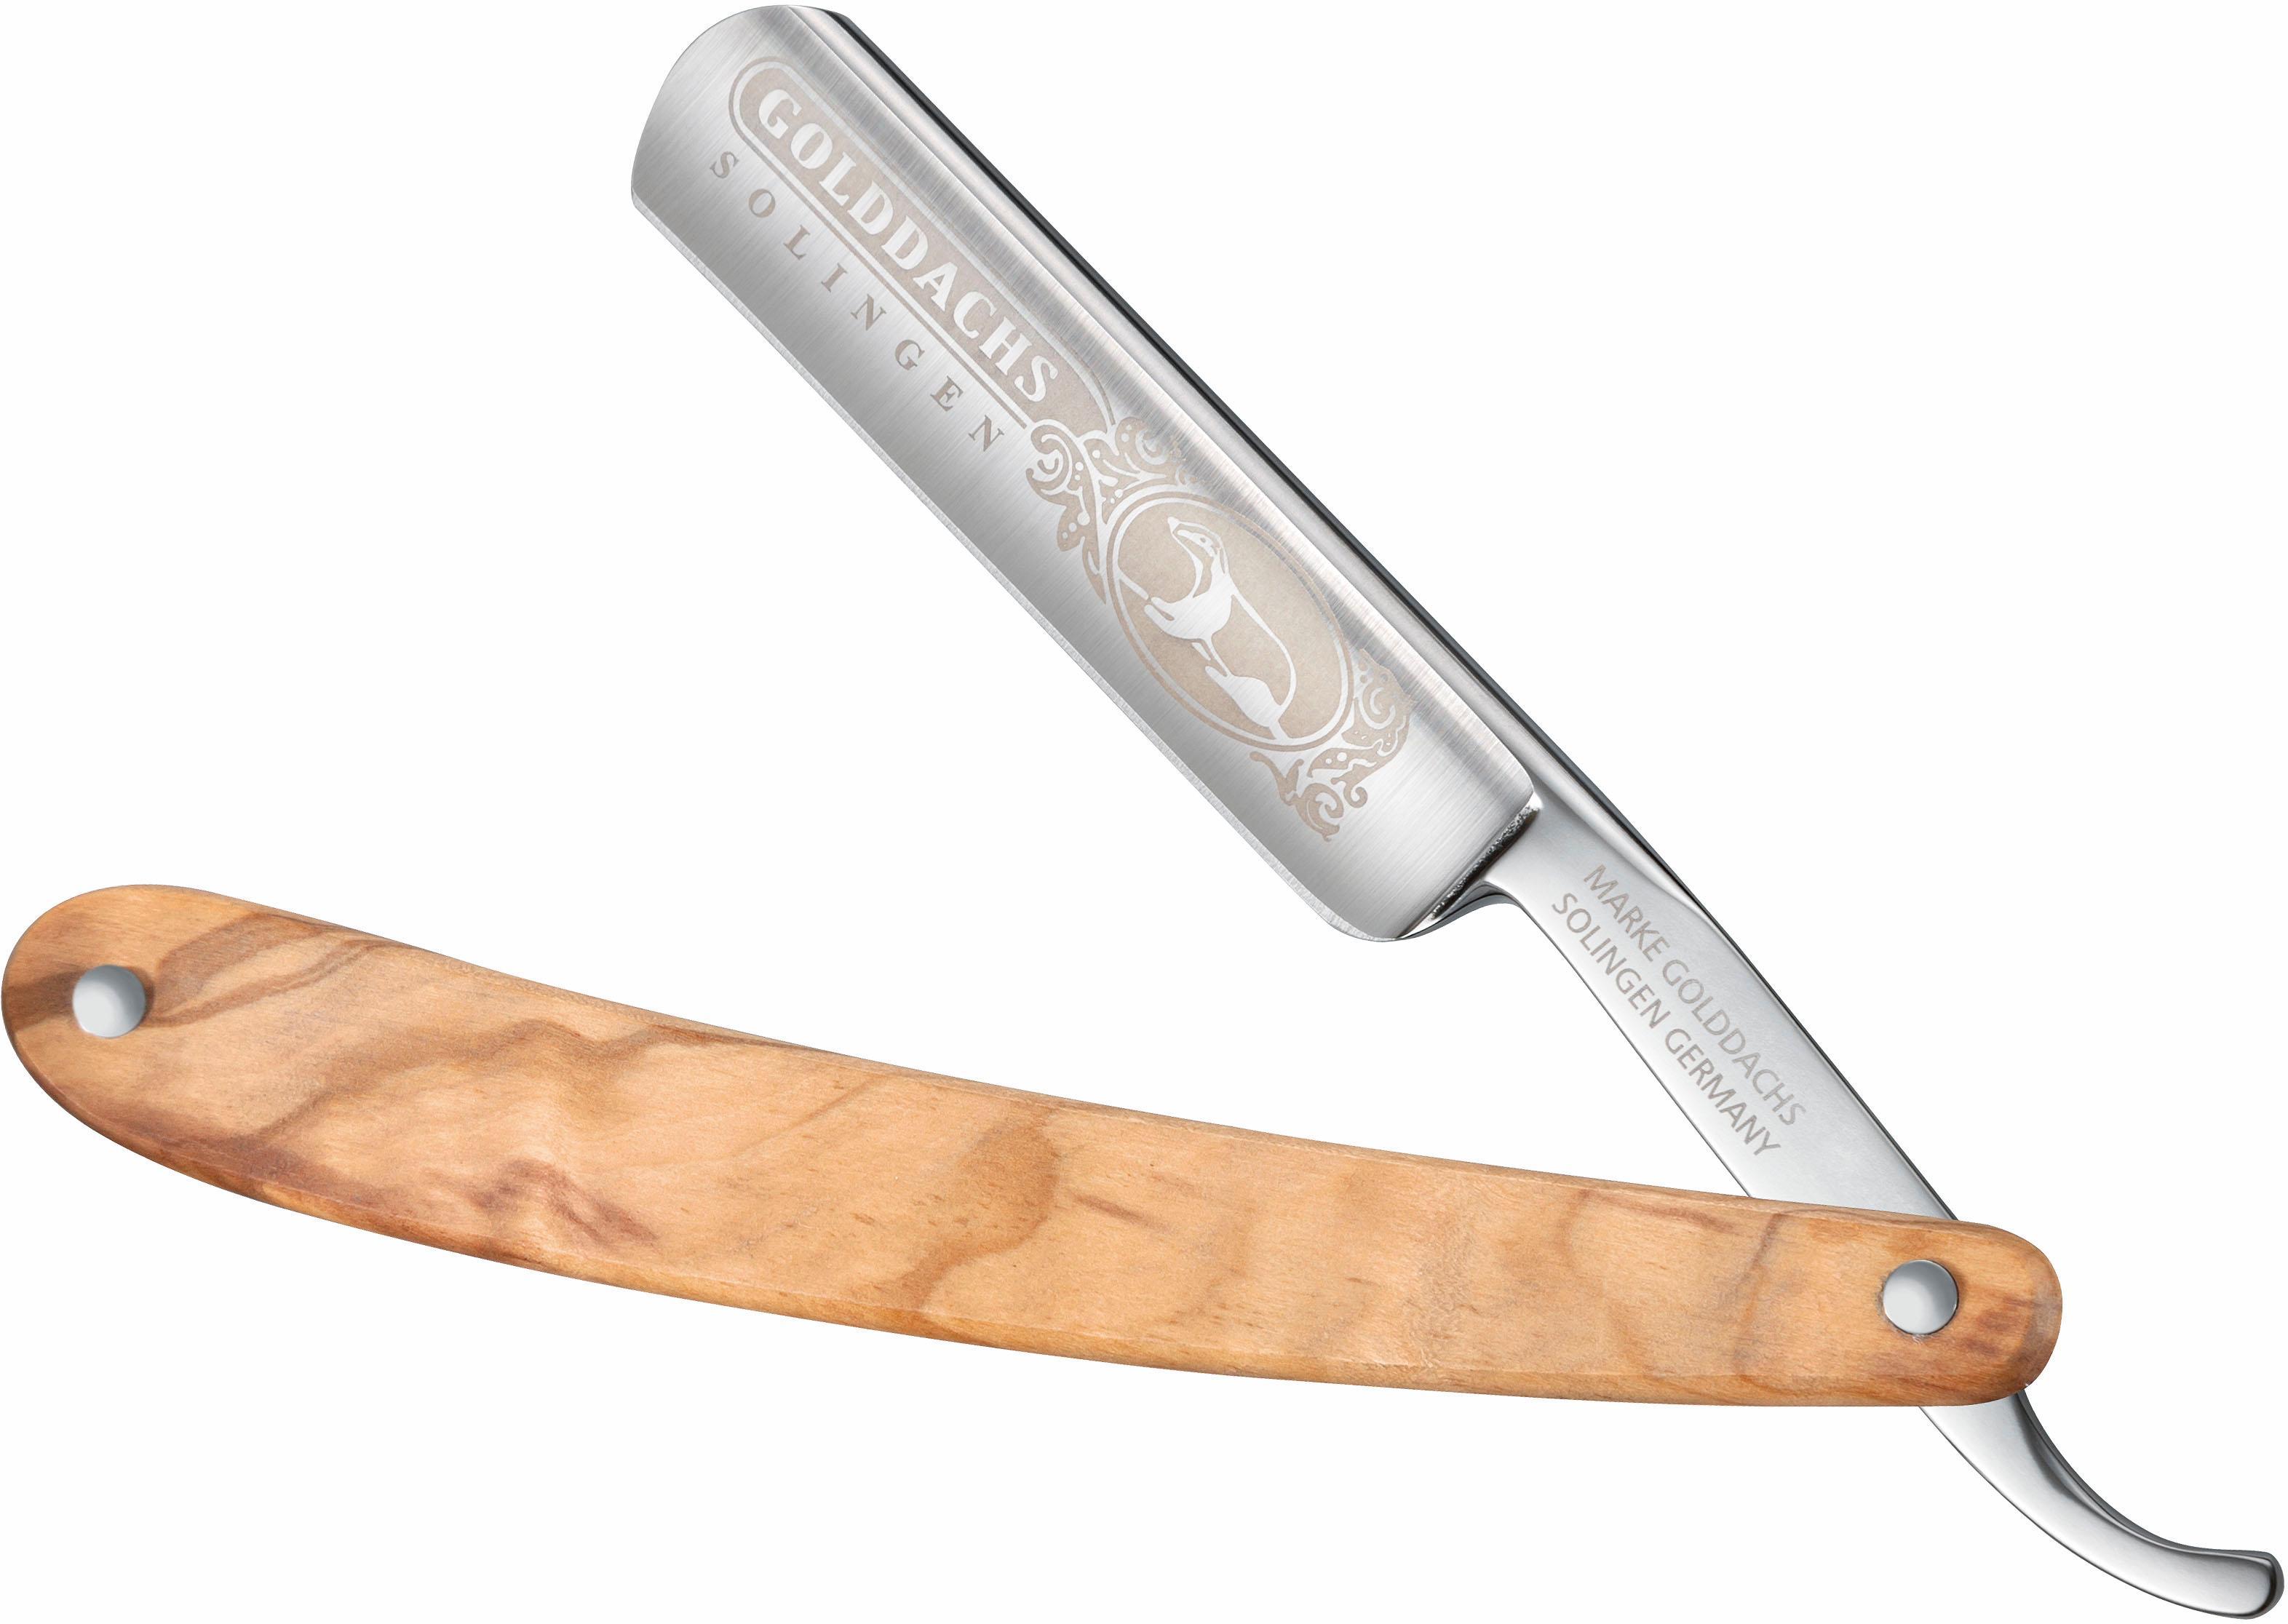 Golddachs, Rasiermesser mit Olivenholzgriff